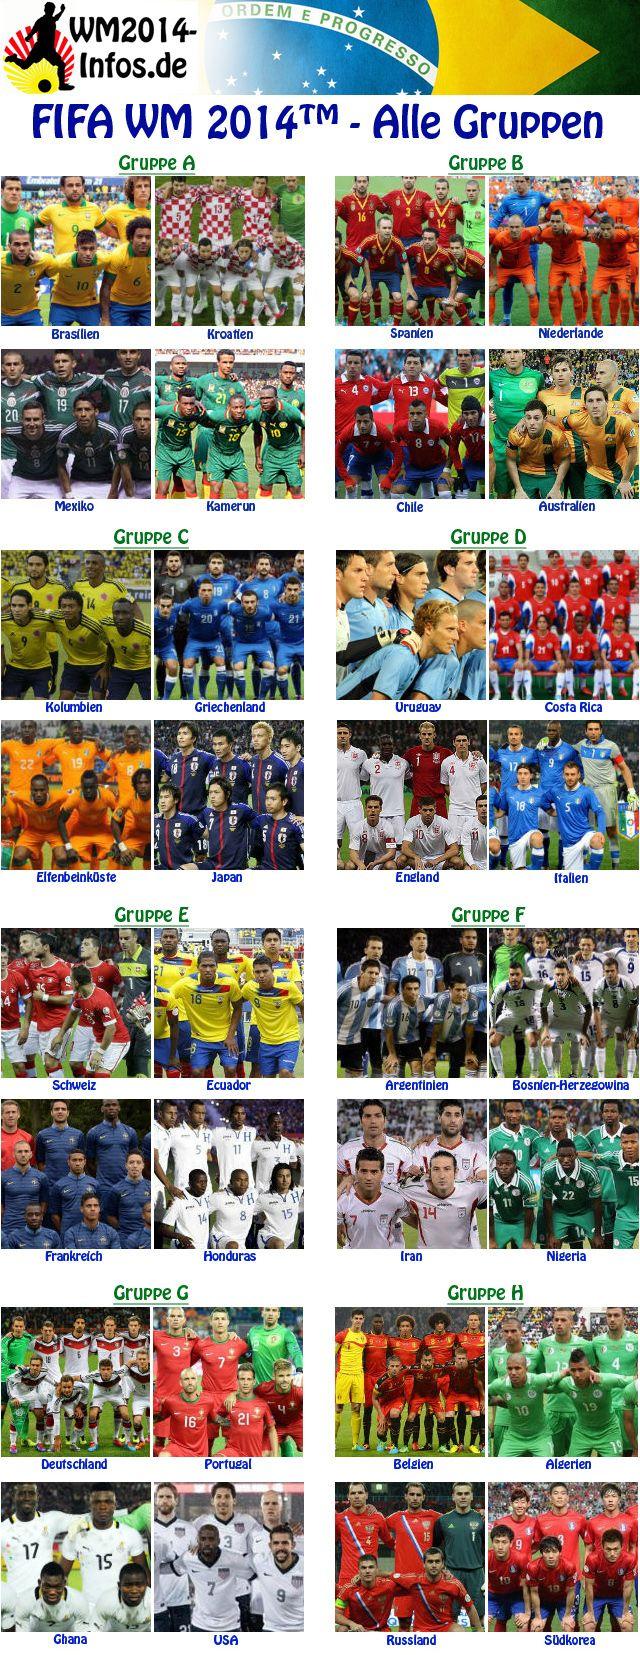 #WM2014 - Die Gruppen A - H im Überblick  http://www.wm2014-infos.de/wm-gruppen-im-ueberblick/